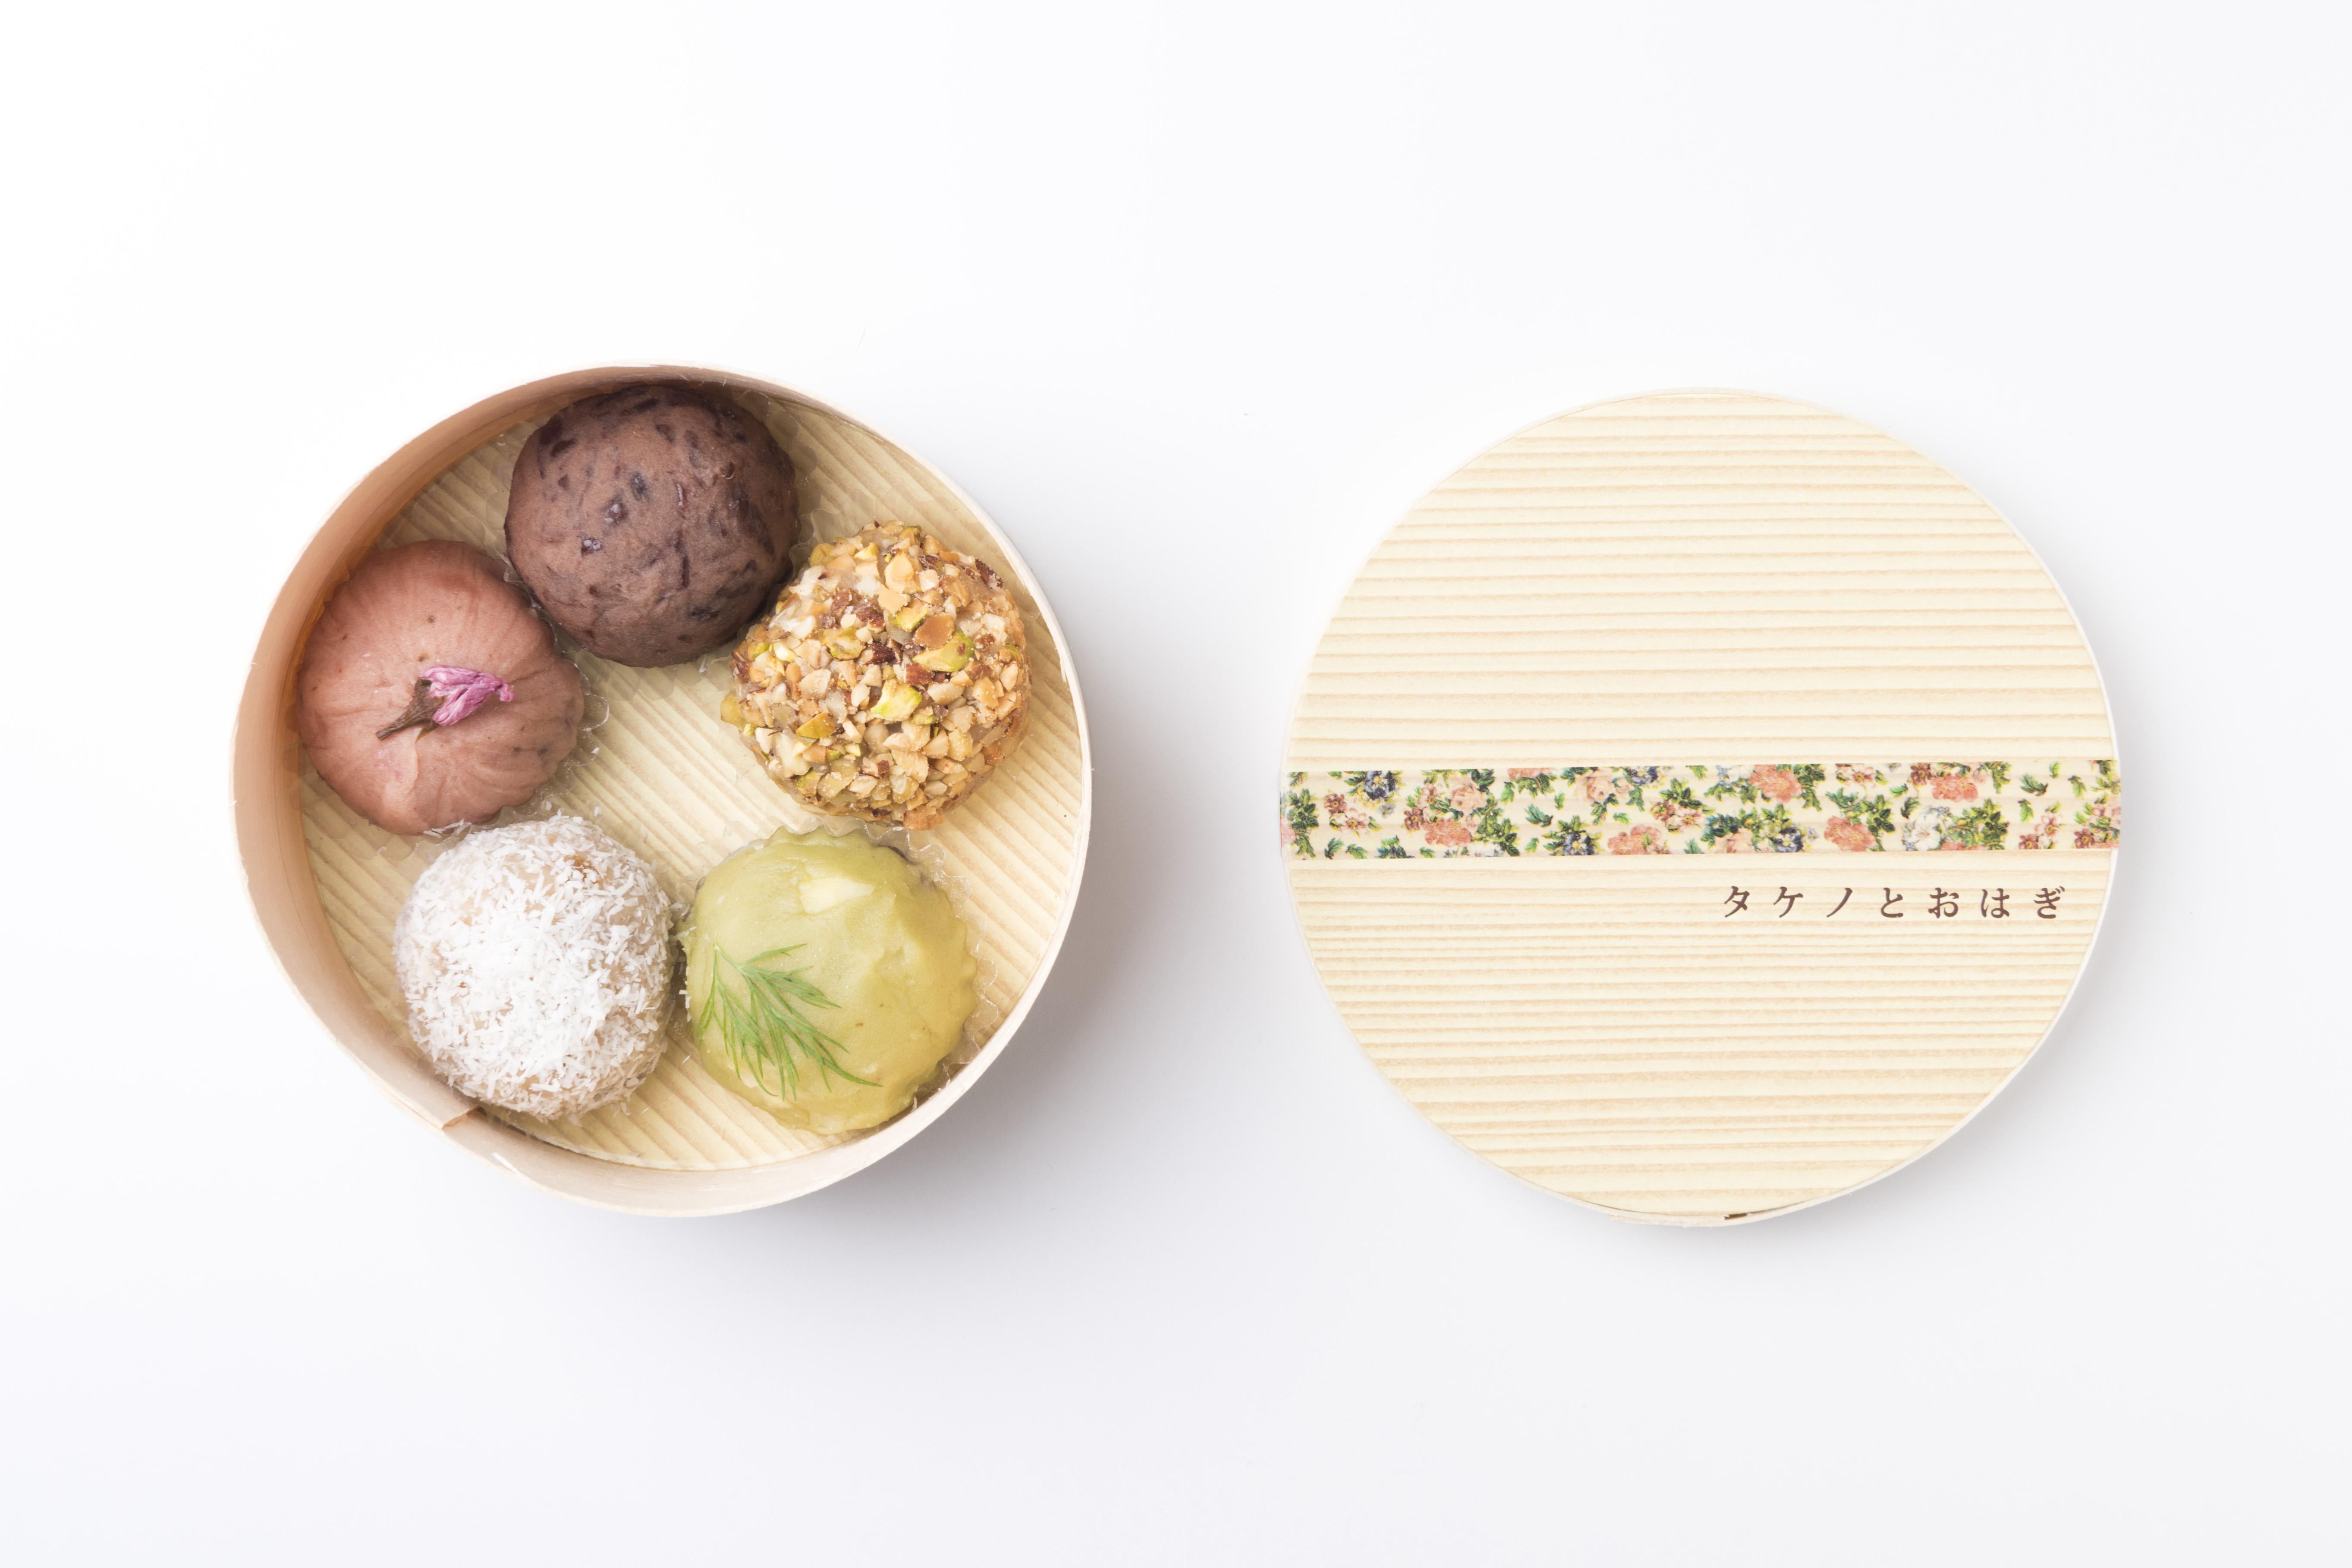 【手土産なにを持っていく?】乙女心をくすぐる、見た目が可愛い和菓子